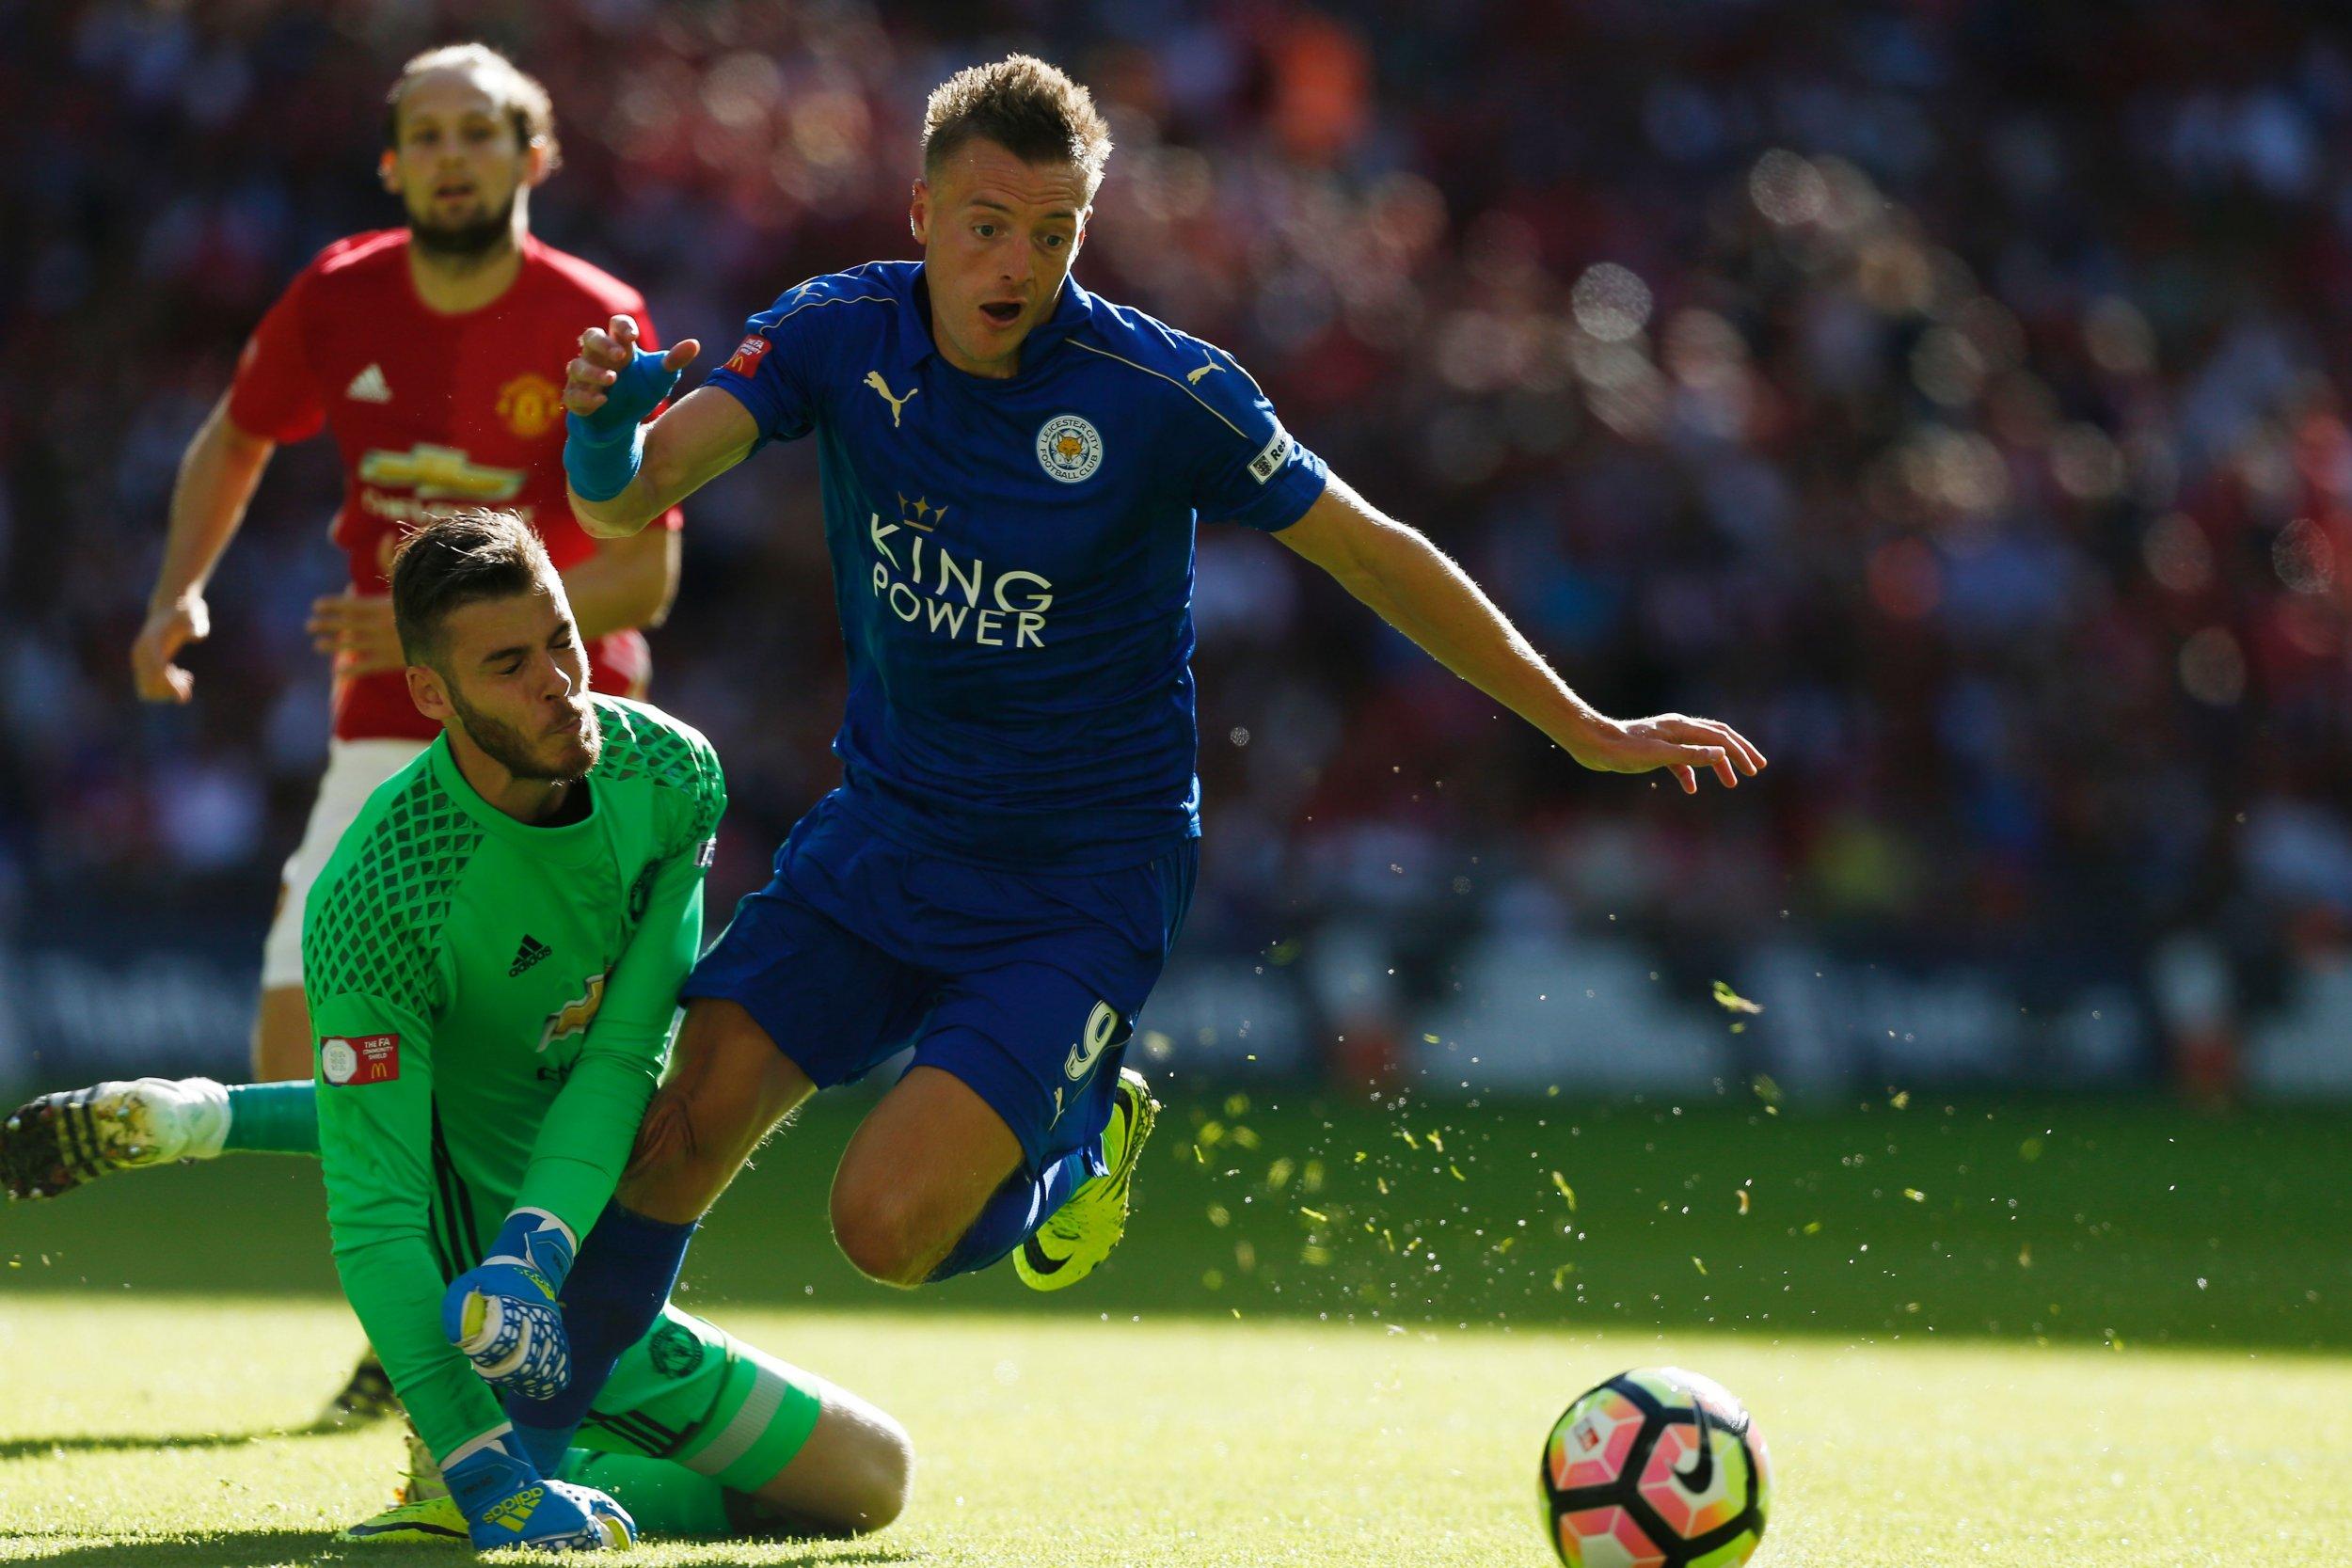 Leicester City striker Jamie Vardy.